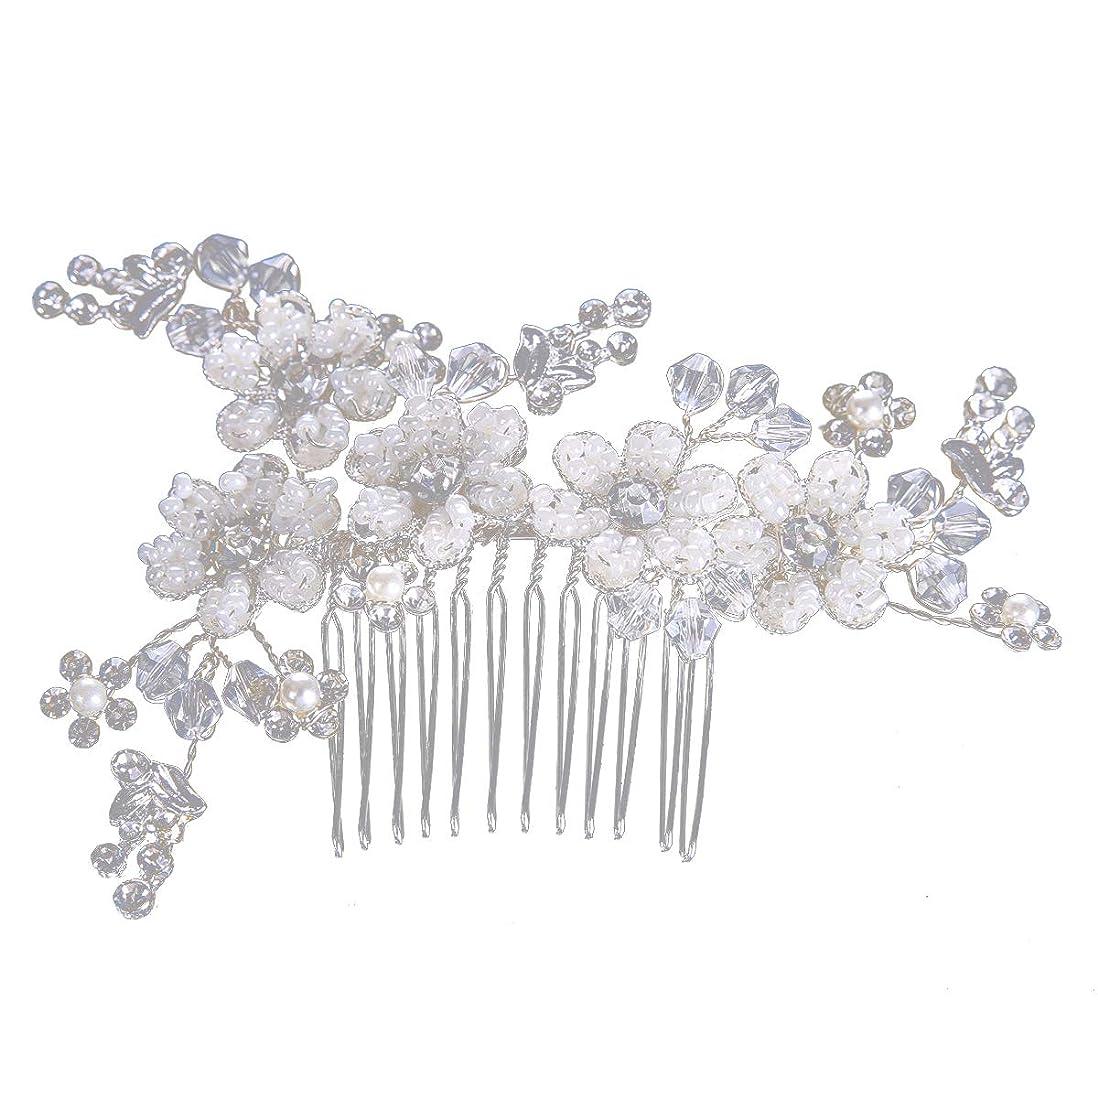 平らにするありそう散文Lurrose 結婚式の髪の櫛合金手作りの花人工真珠のブライダルヘアアクセサリー